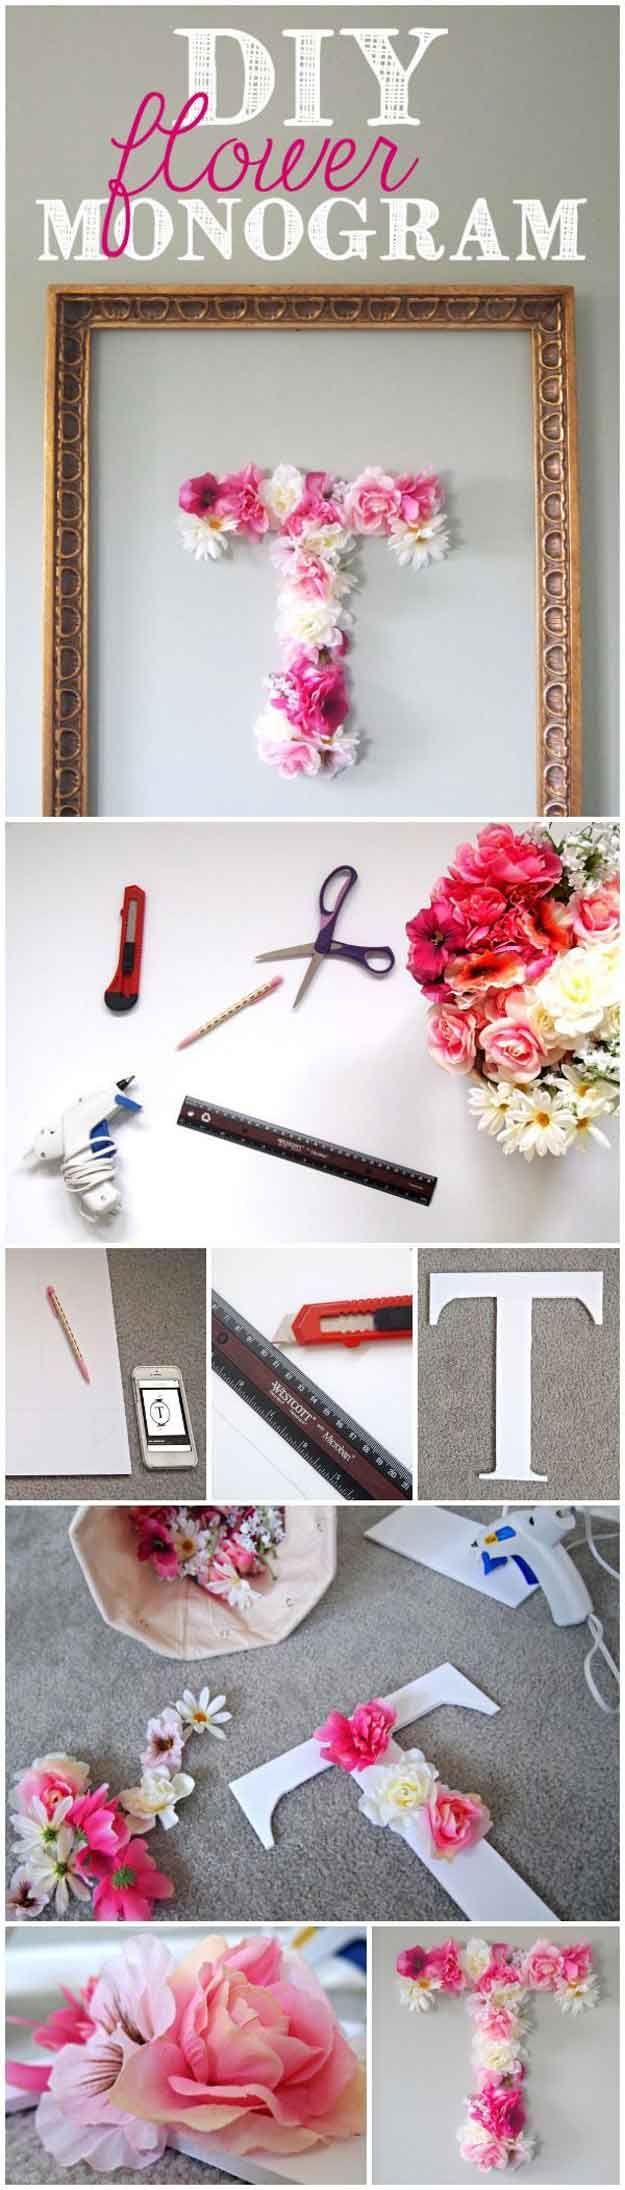 Flor del monograma de DIY    26 proyectos de bricolaje frescos para los adolescentes Dormitorio